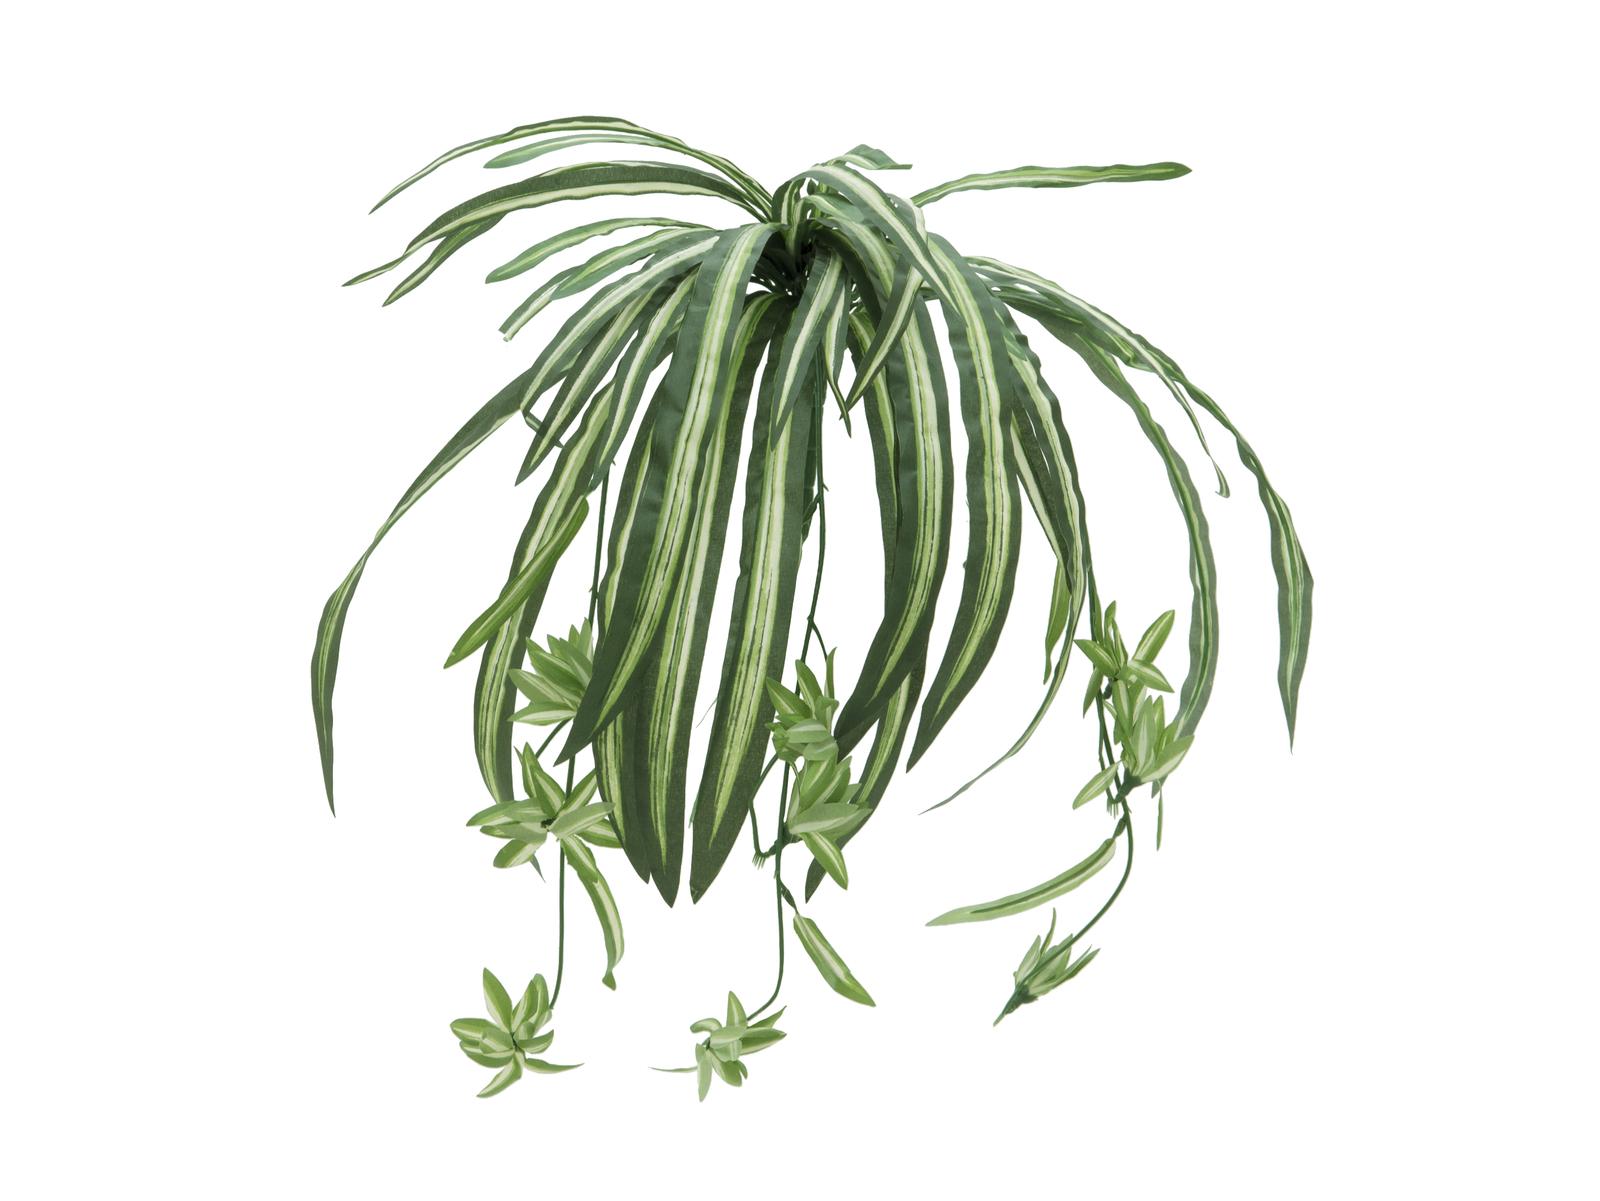 Zelenec jedovatý, 60 cm